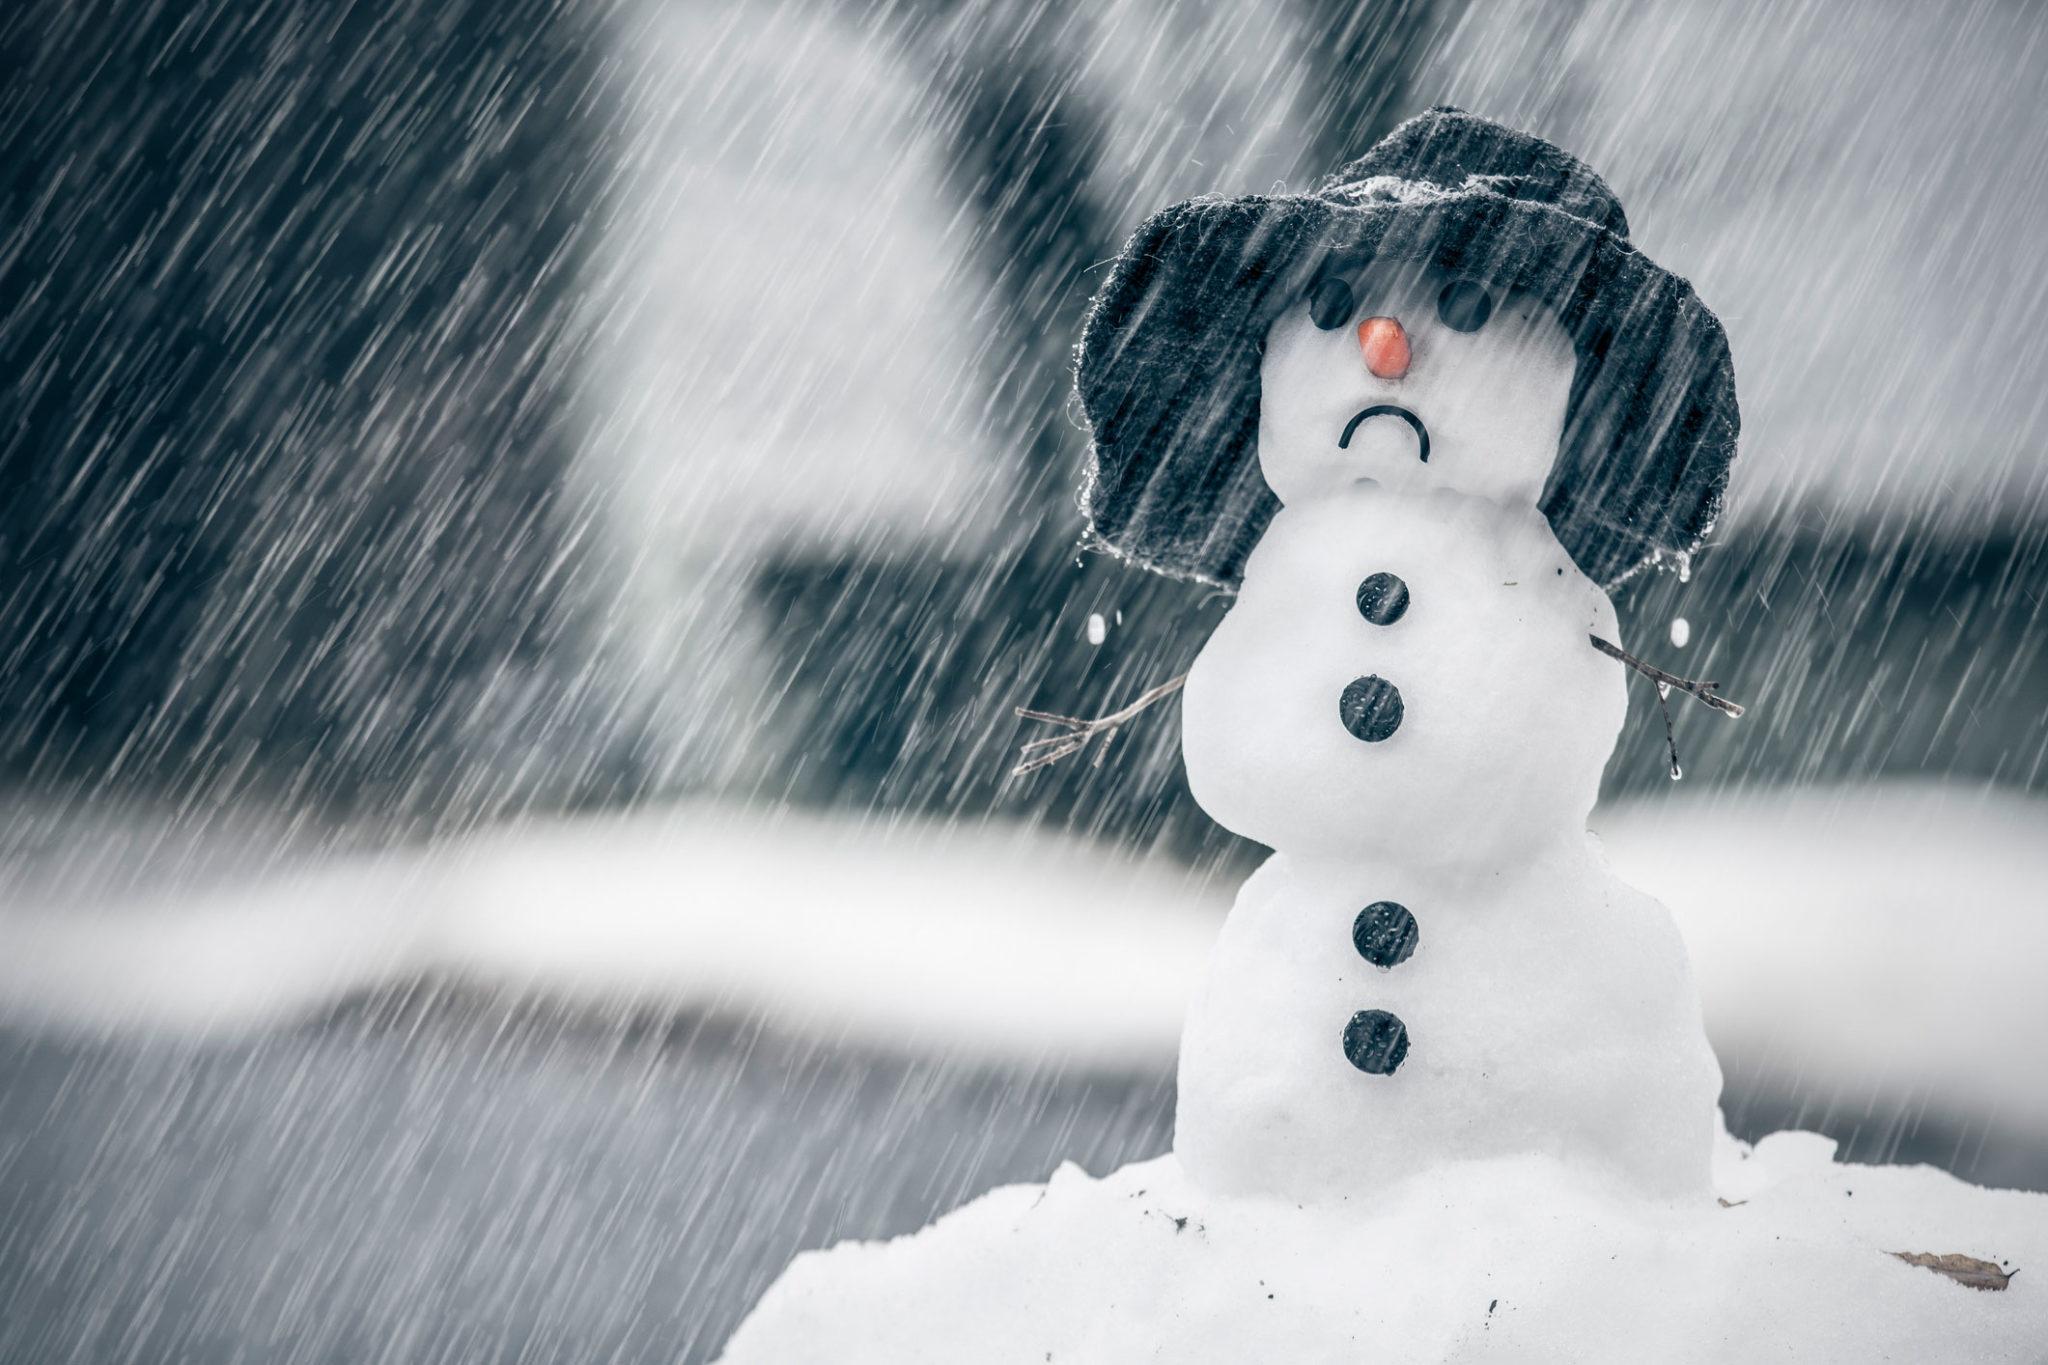 Тверскую область зальёт декабрьским дождём: прогноз на выходные